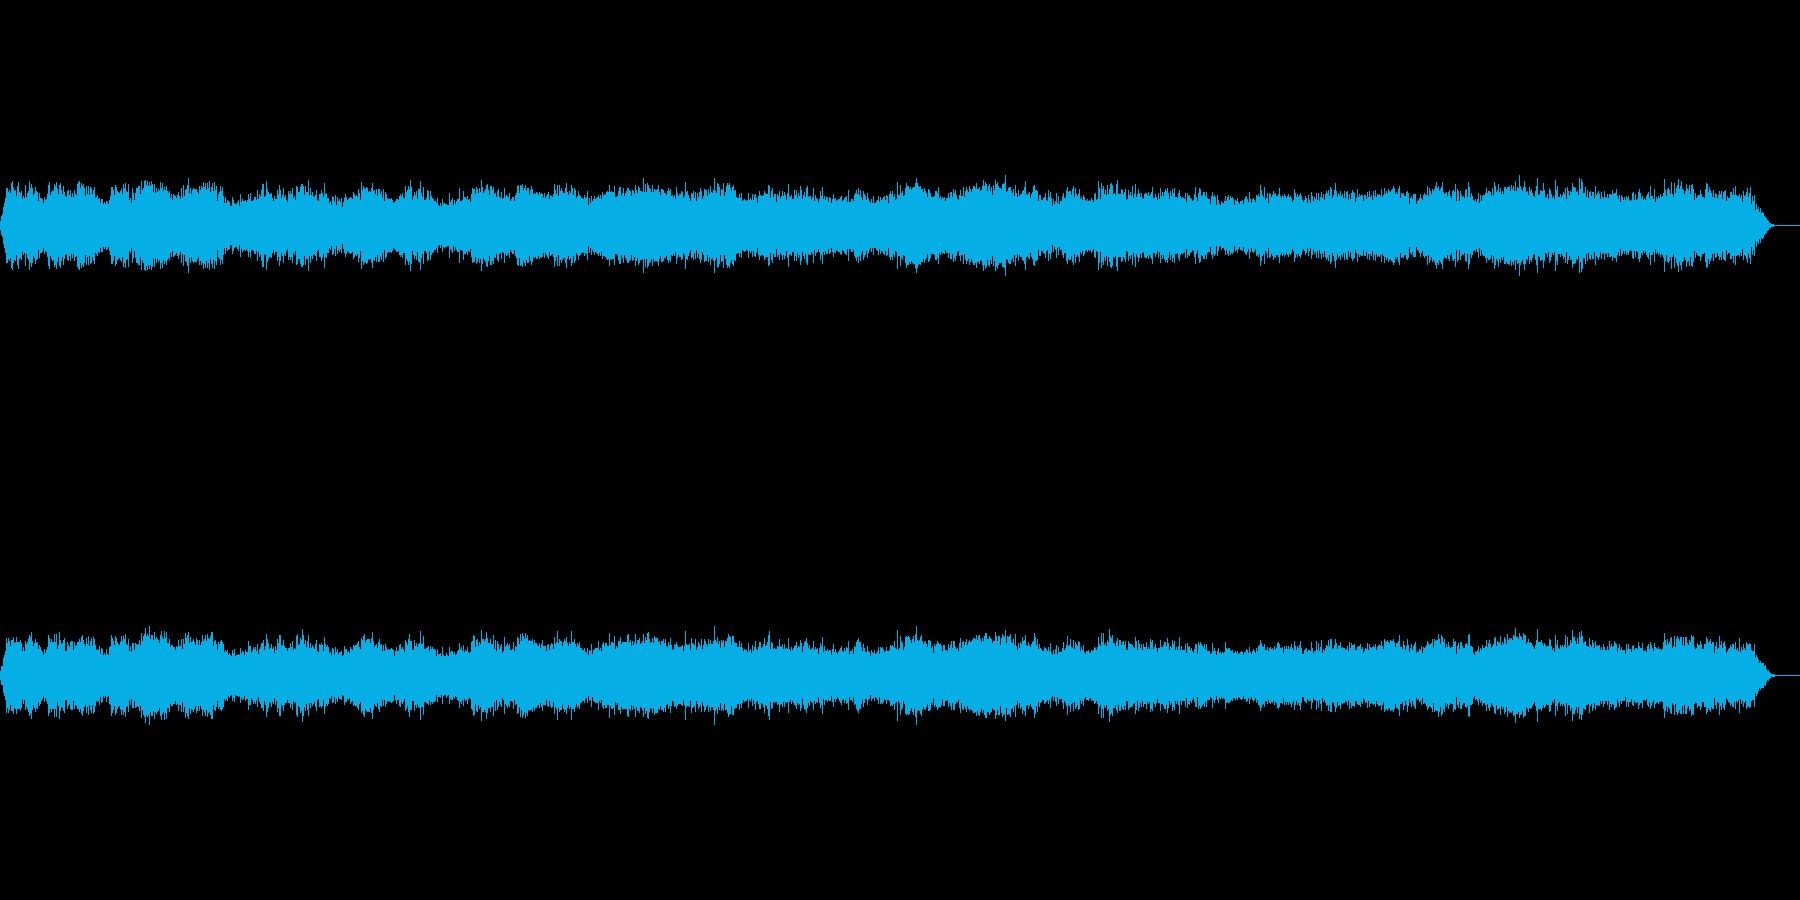 【風 合成 環境01-1】の再生済みの波形